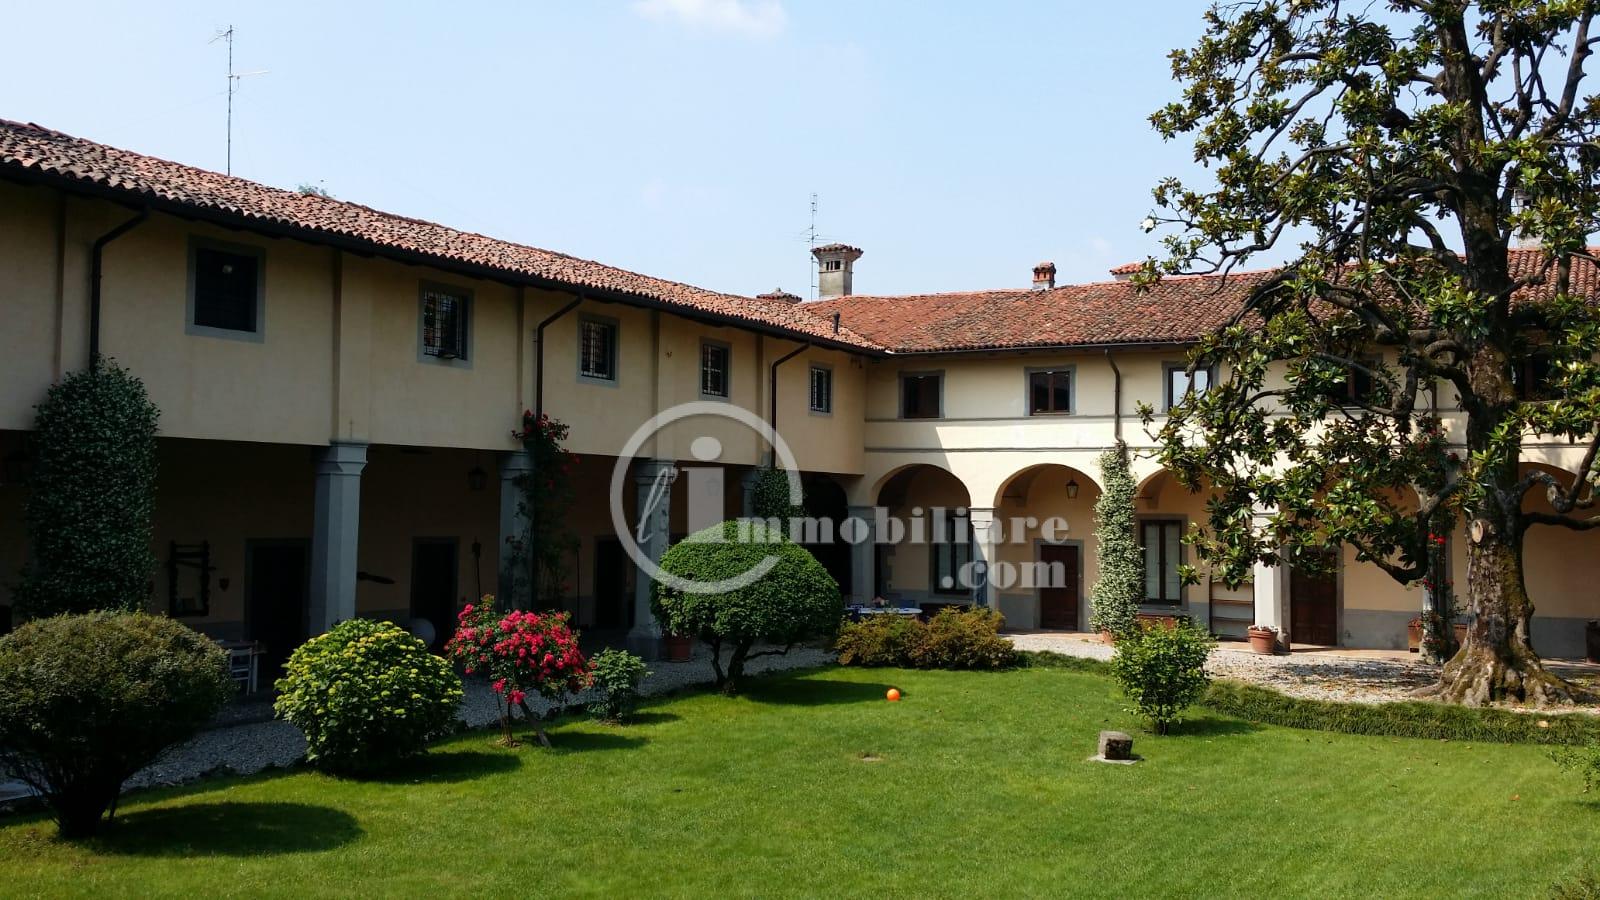 Palazzo in Vendita a Ponte San Pietro: 5 locali, 2850 mq